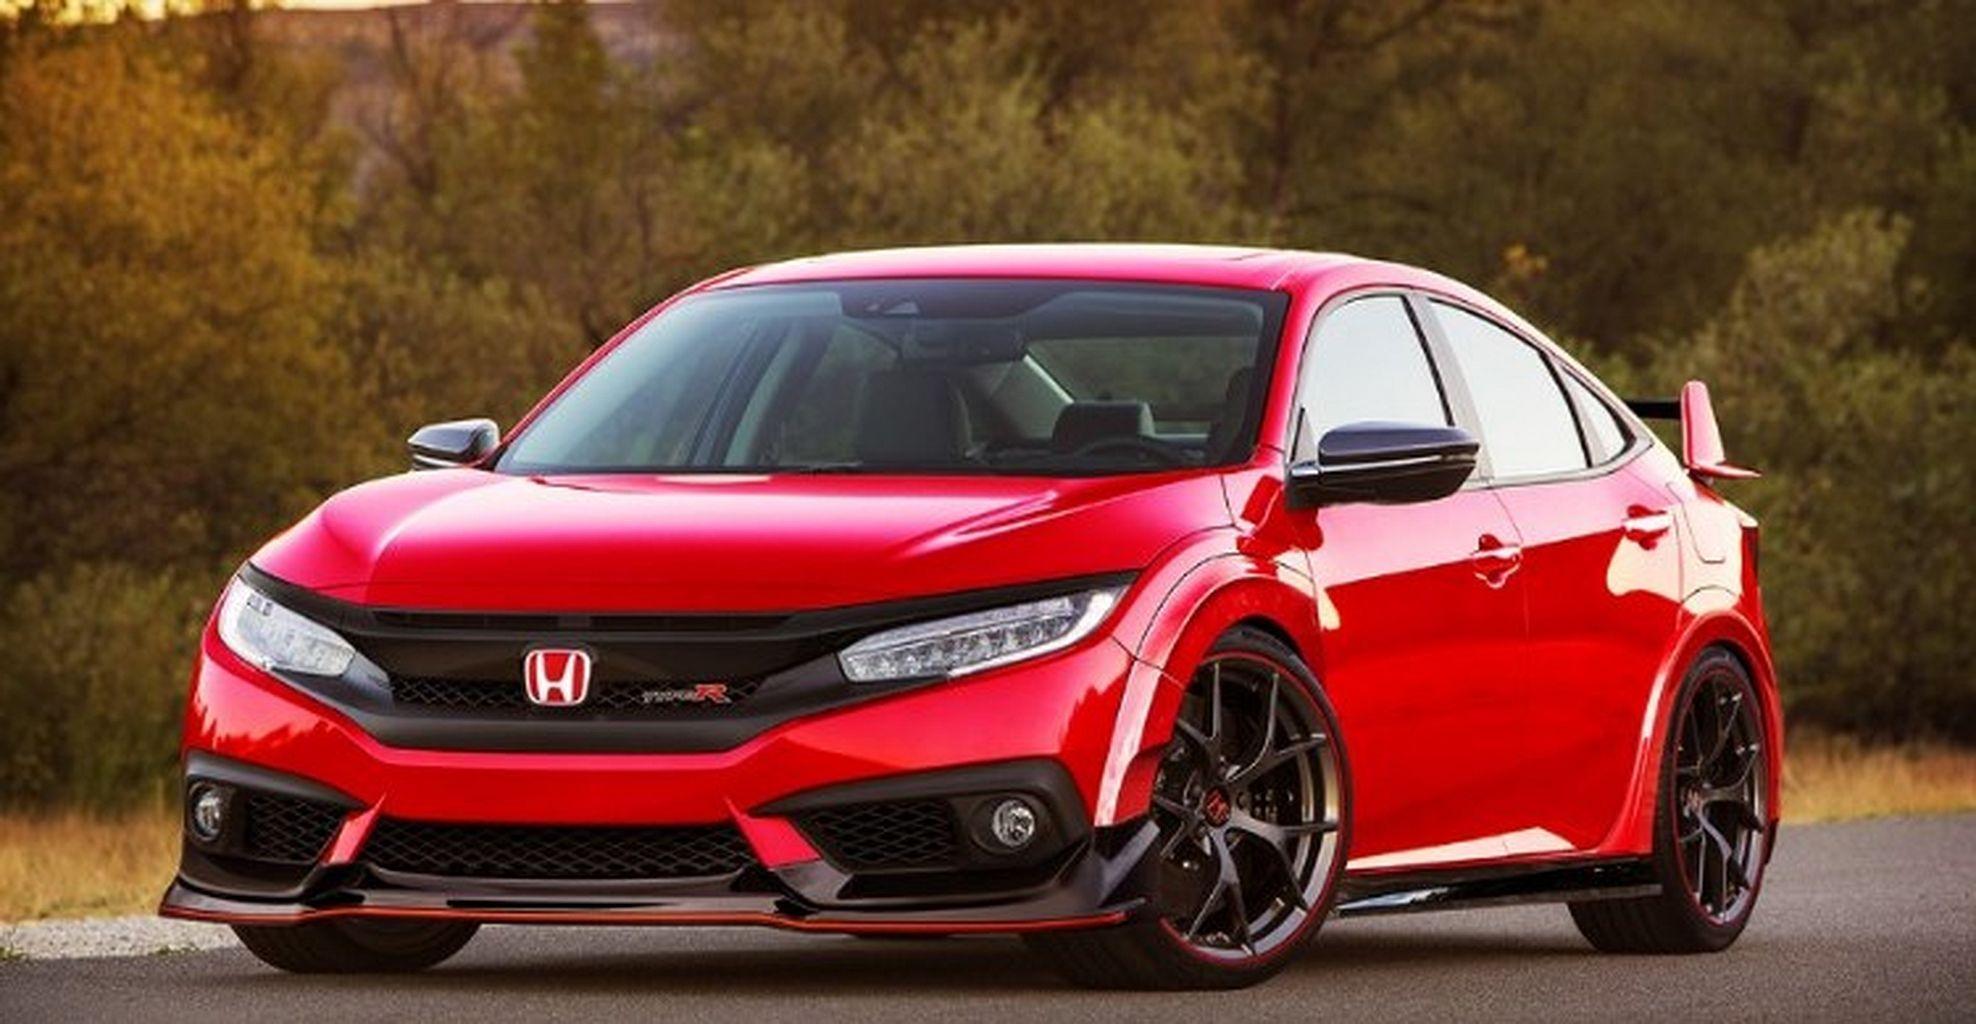 Display Cars Honda Civic Hatchback 2017 ノスタルジック カー, ホンダ